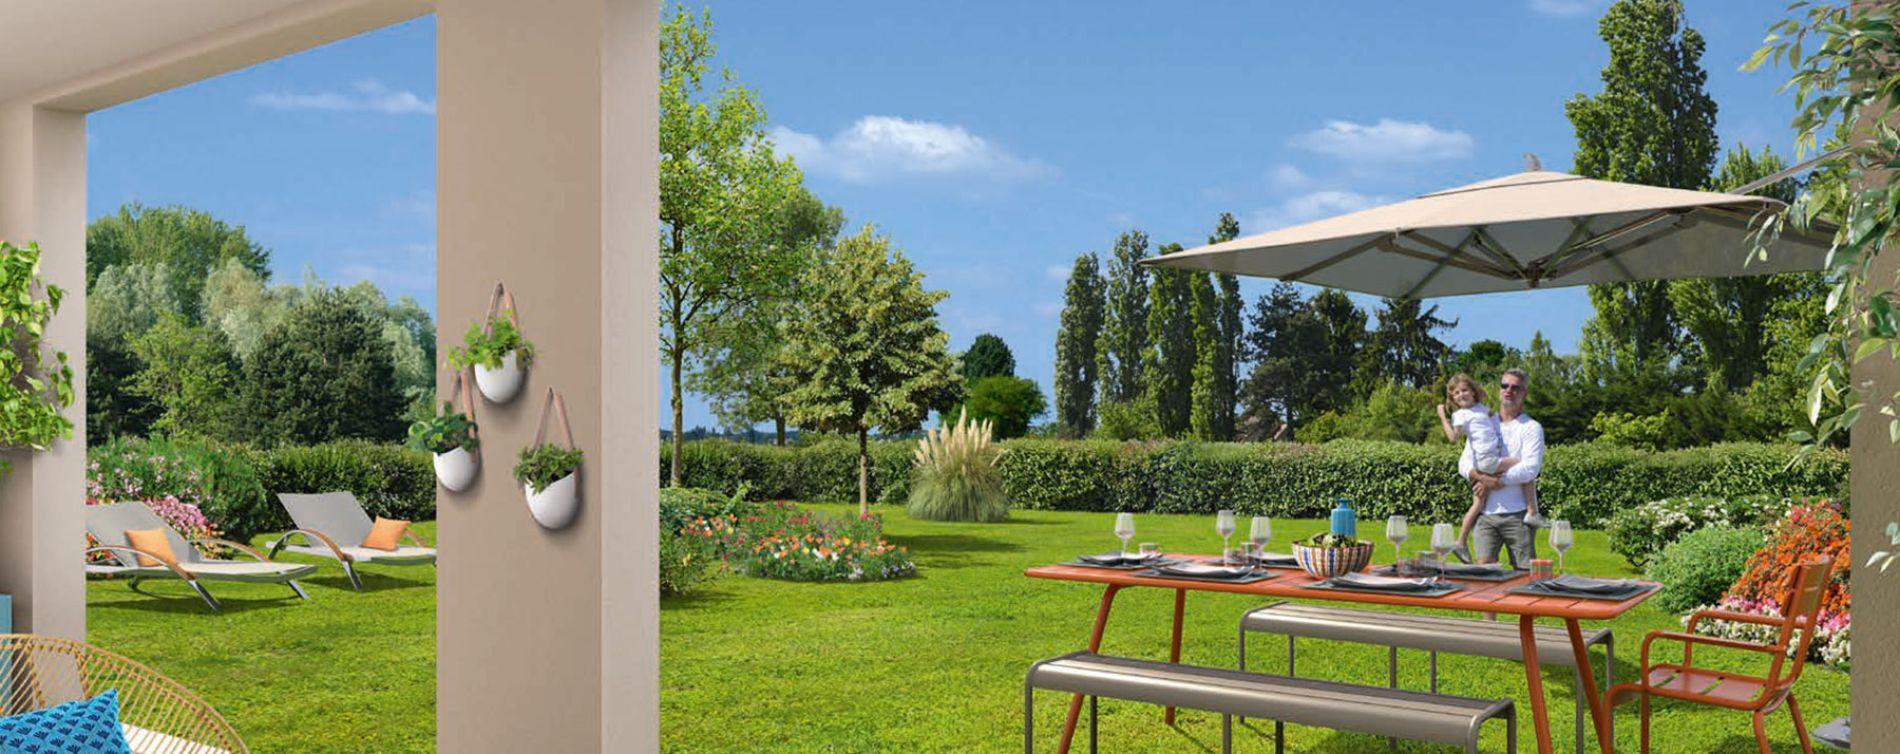 Résidence Les Apparts – Côté Jardin à Neuilly-sur-Marne